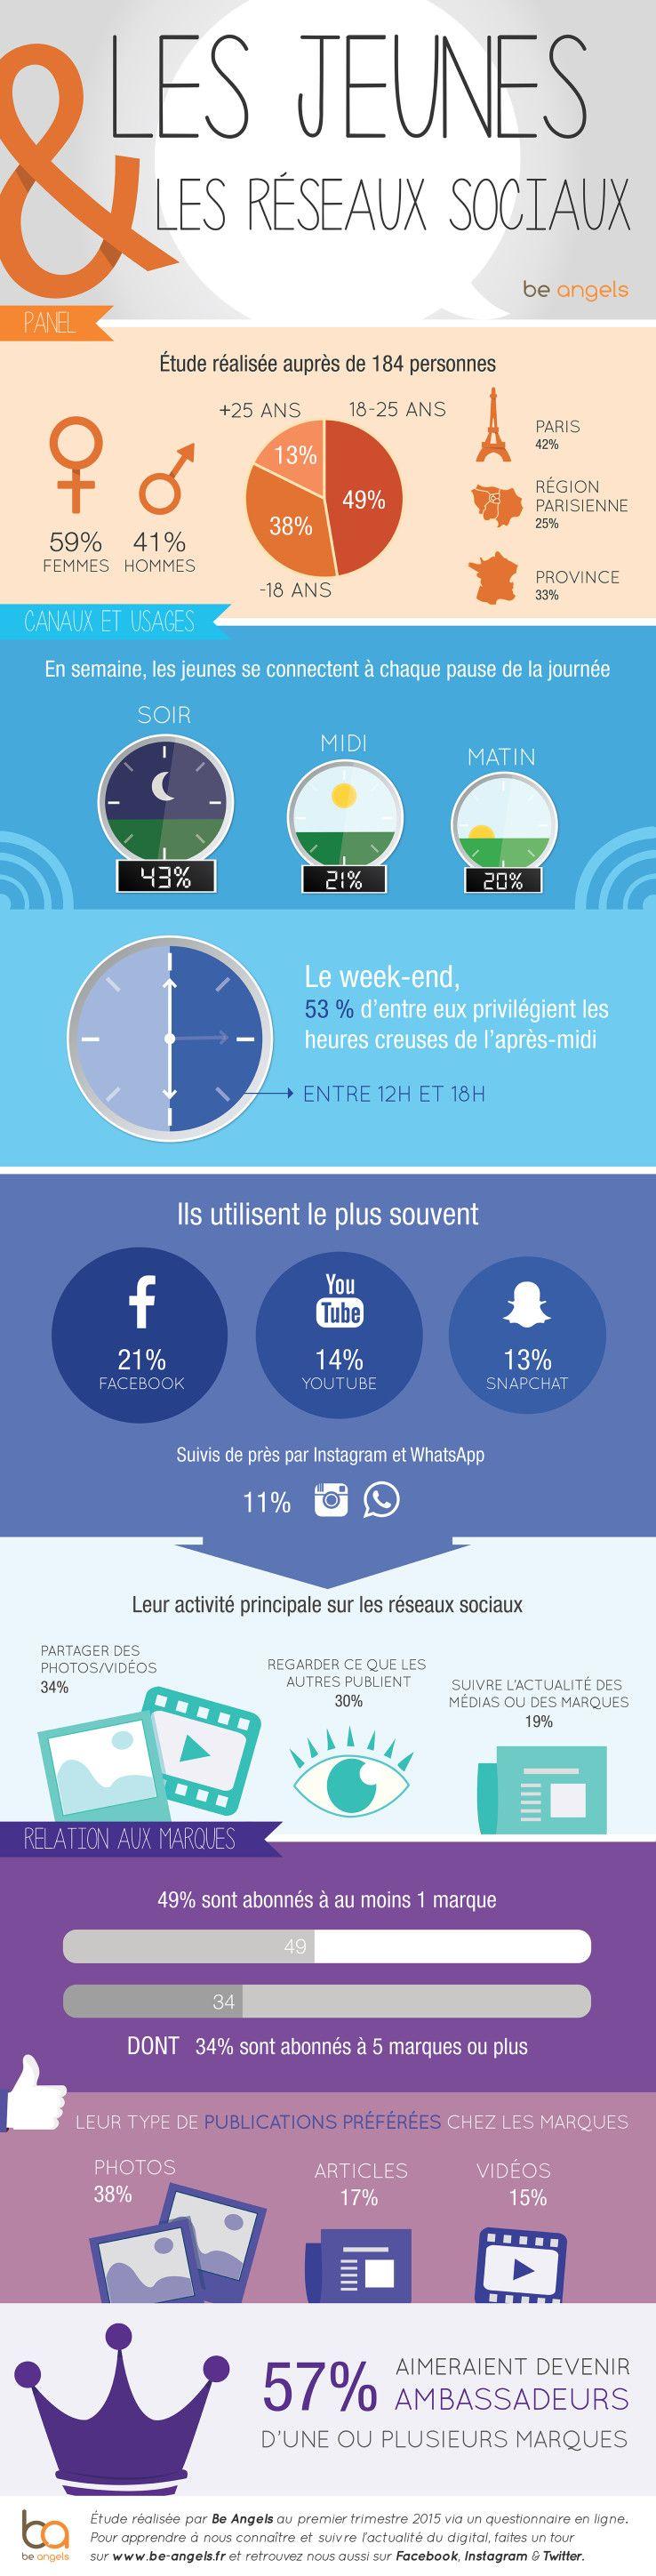 Infographie Quels Sont Les Usages Des Jeunes Sur Les Reseaux Sociaux Reseaux Sociaux Infographie Marketing Numerique